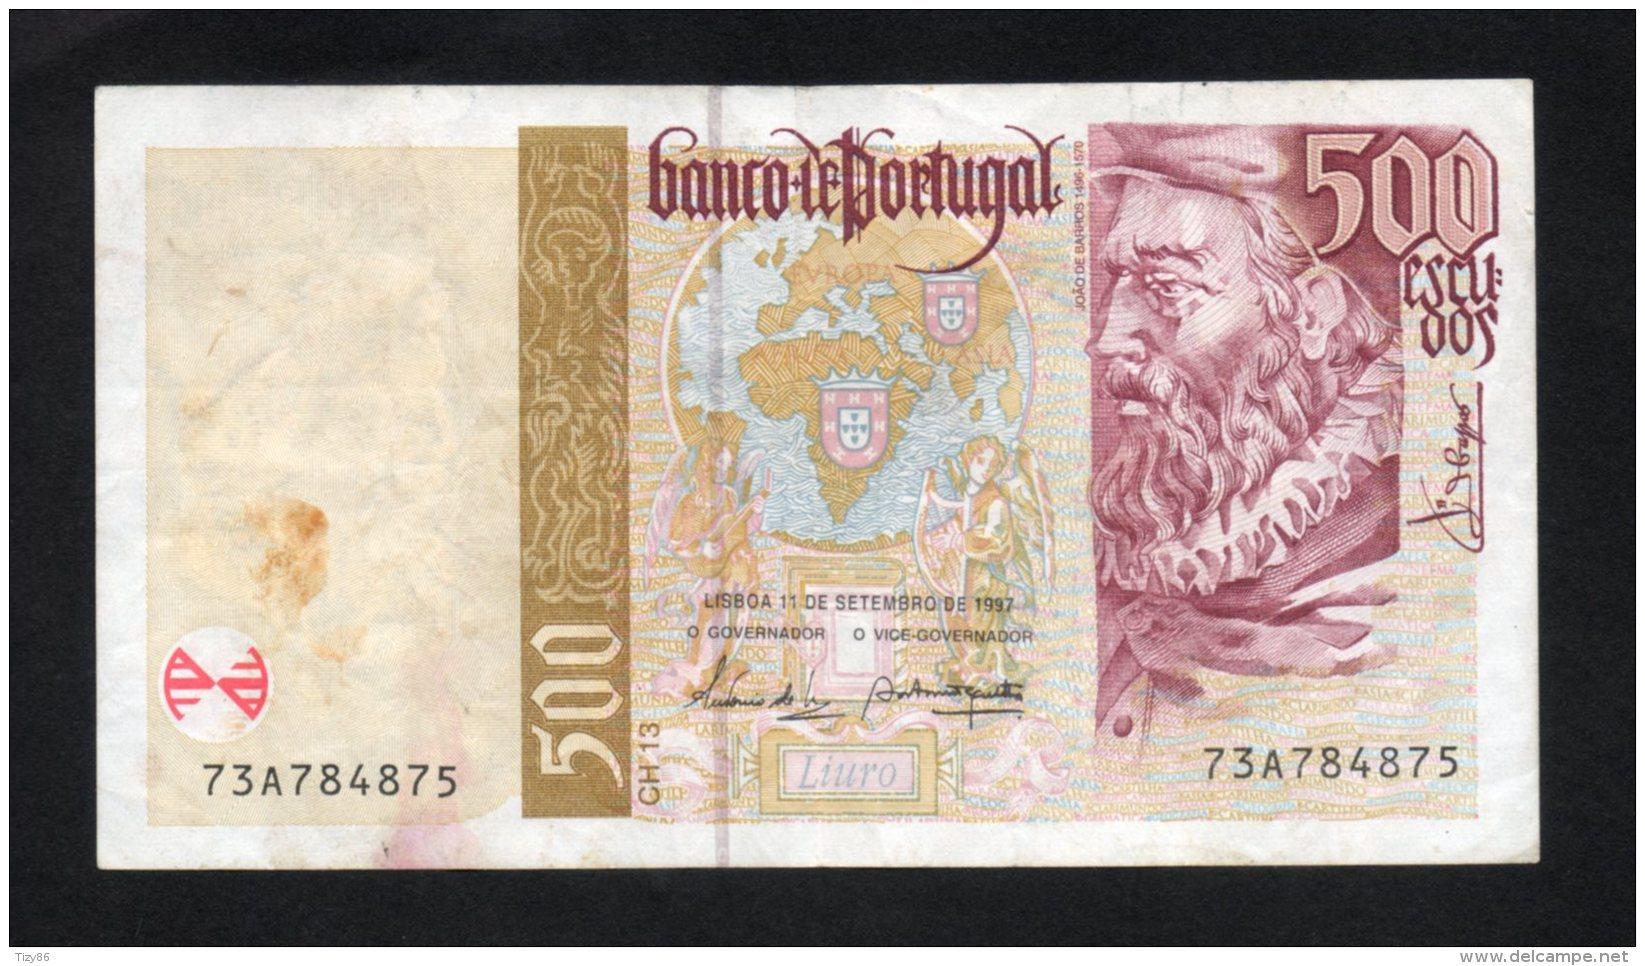 Banconota Portogallo 500 Scudi 1997 (circolata) - Portugal